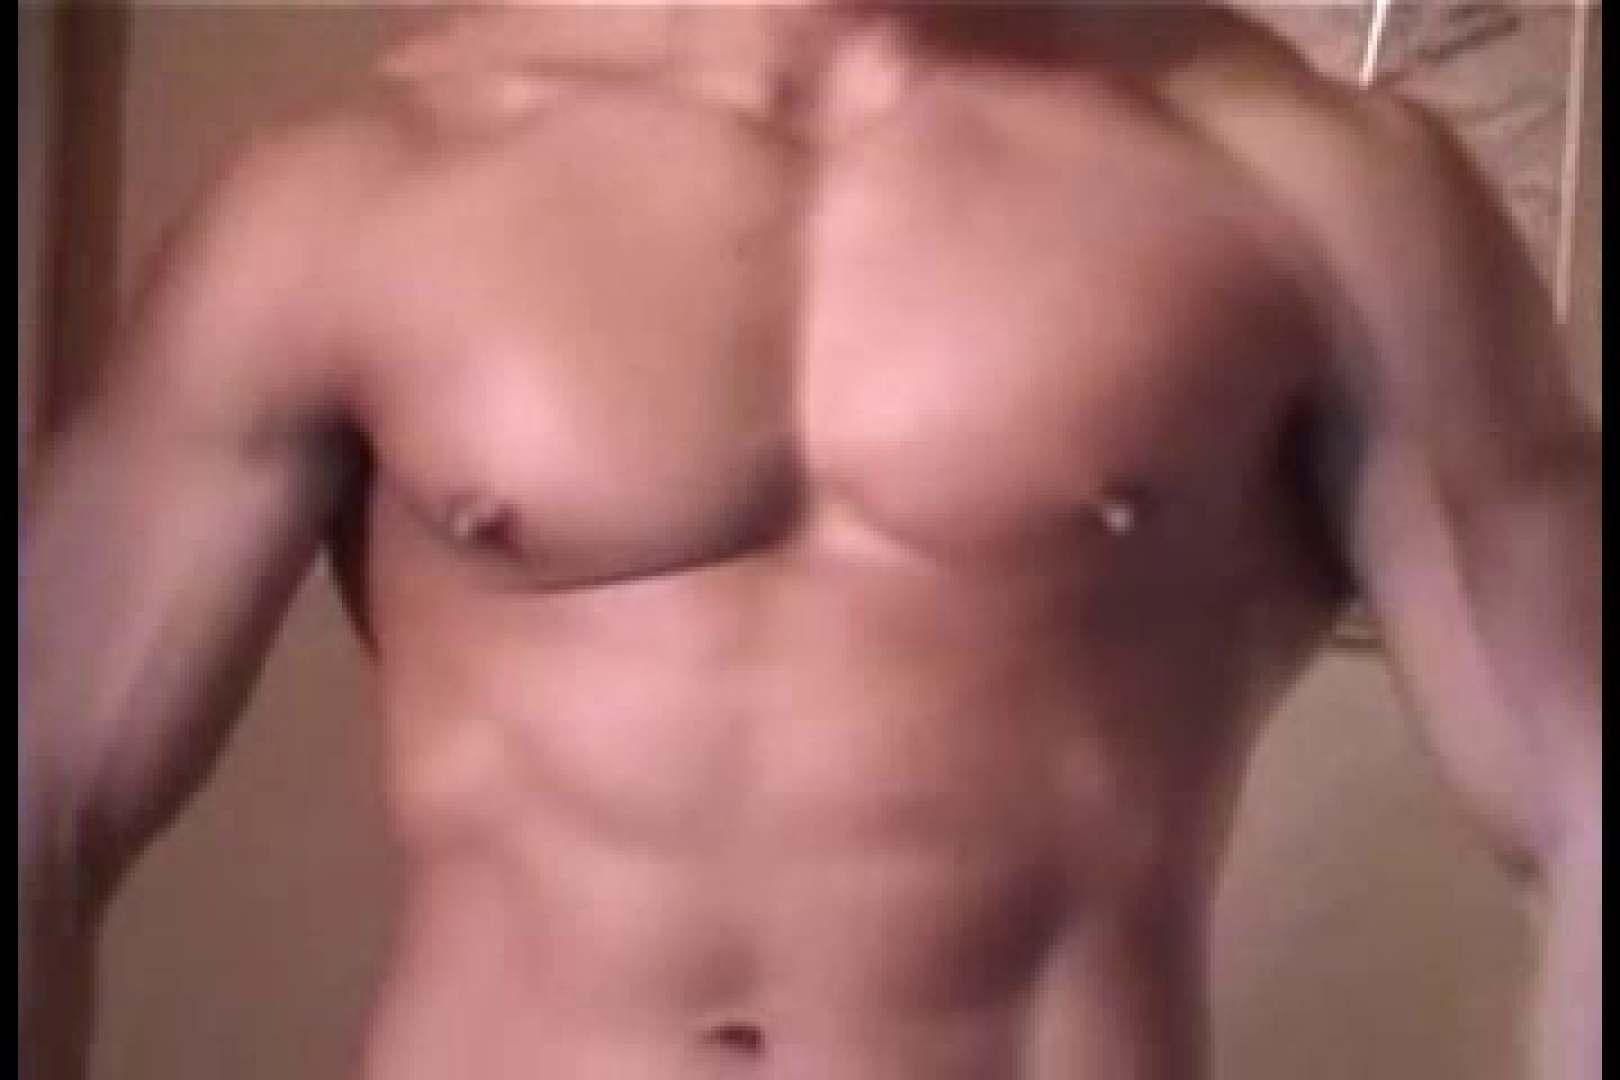 性器の味方ムキムキ覆面マッチョマン 肉 ゲイSEX画像 106画像 104